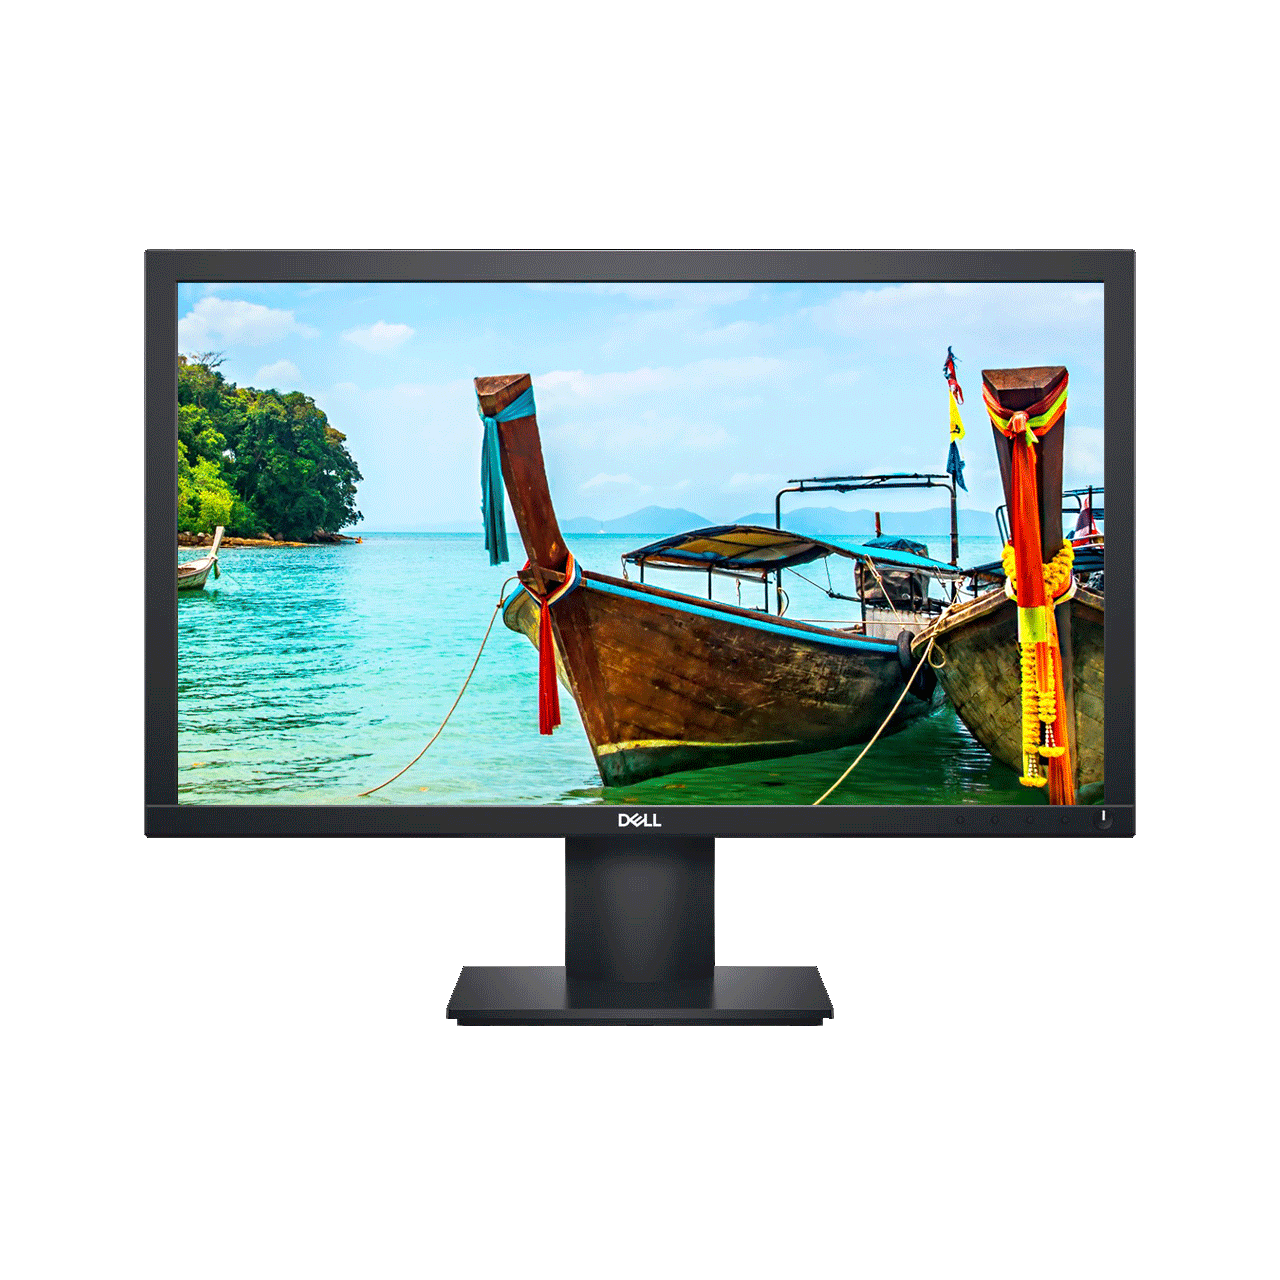 戴尔 22 系列显示器:E2220H